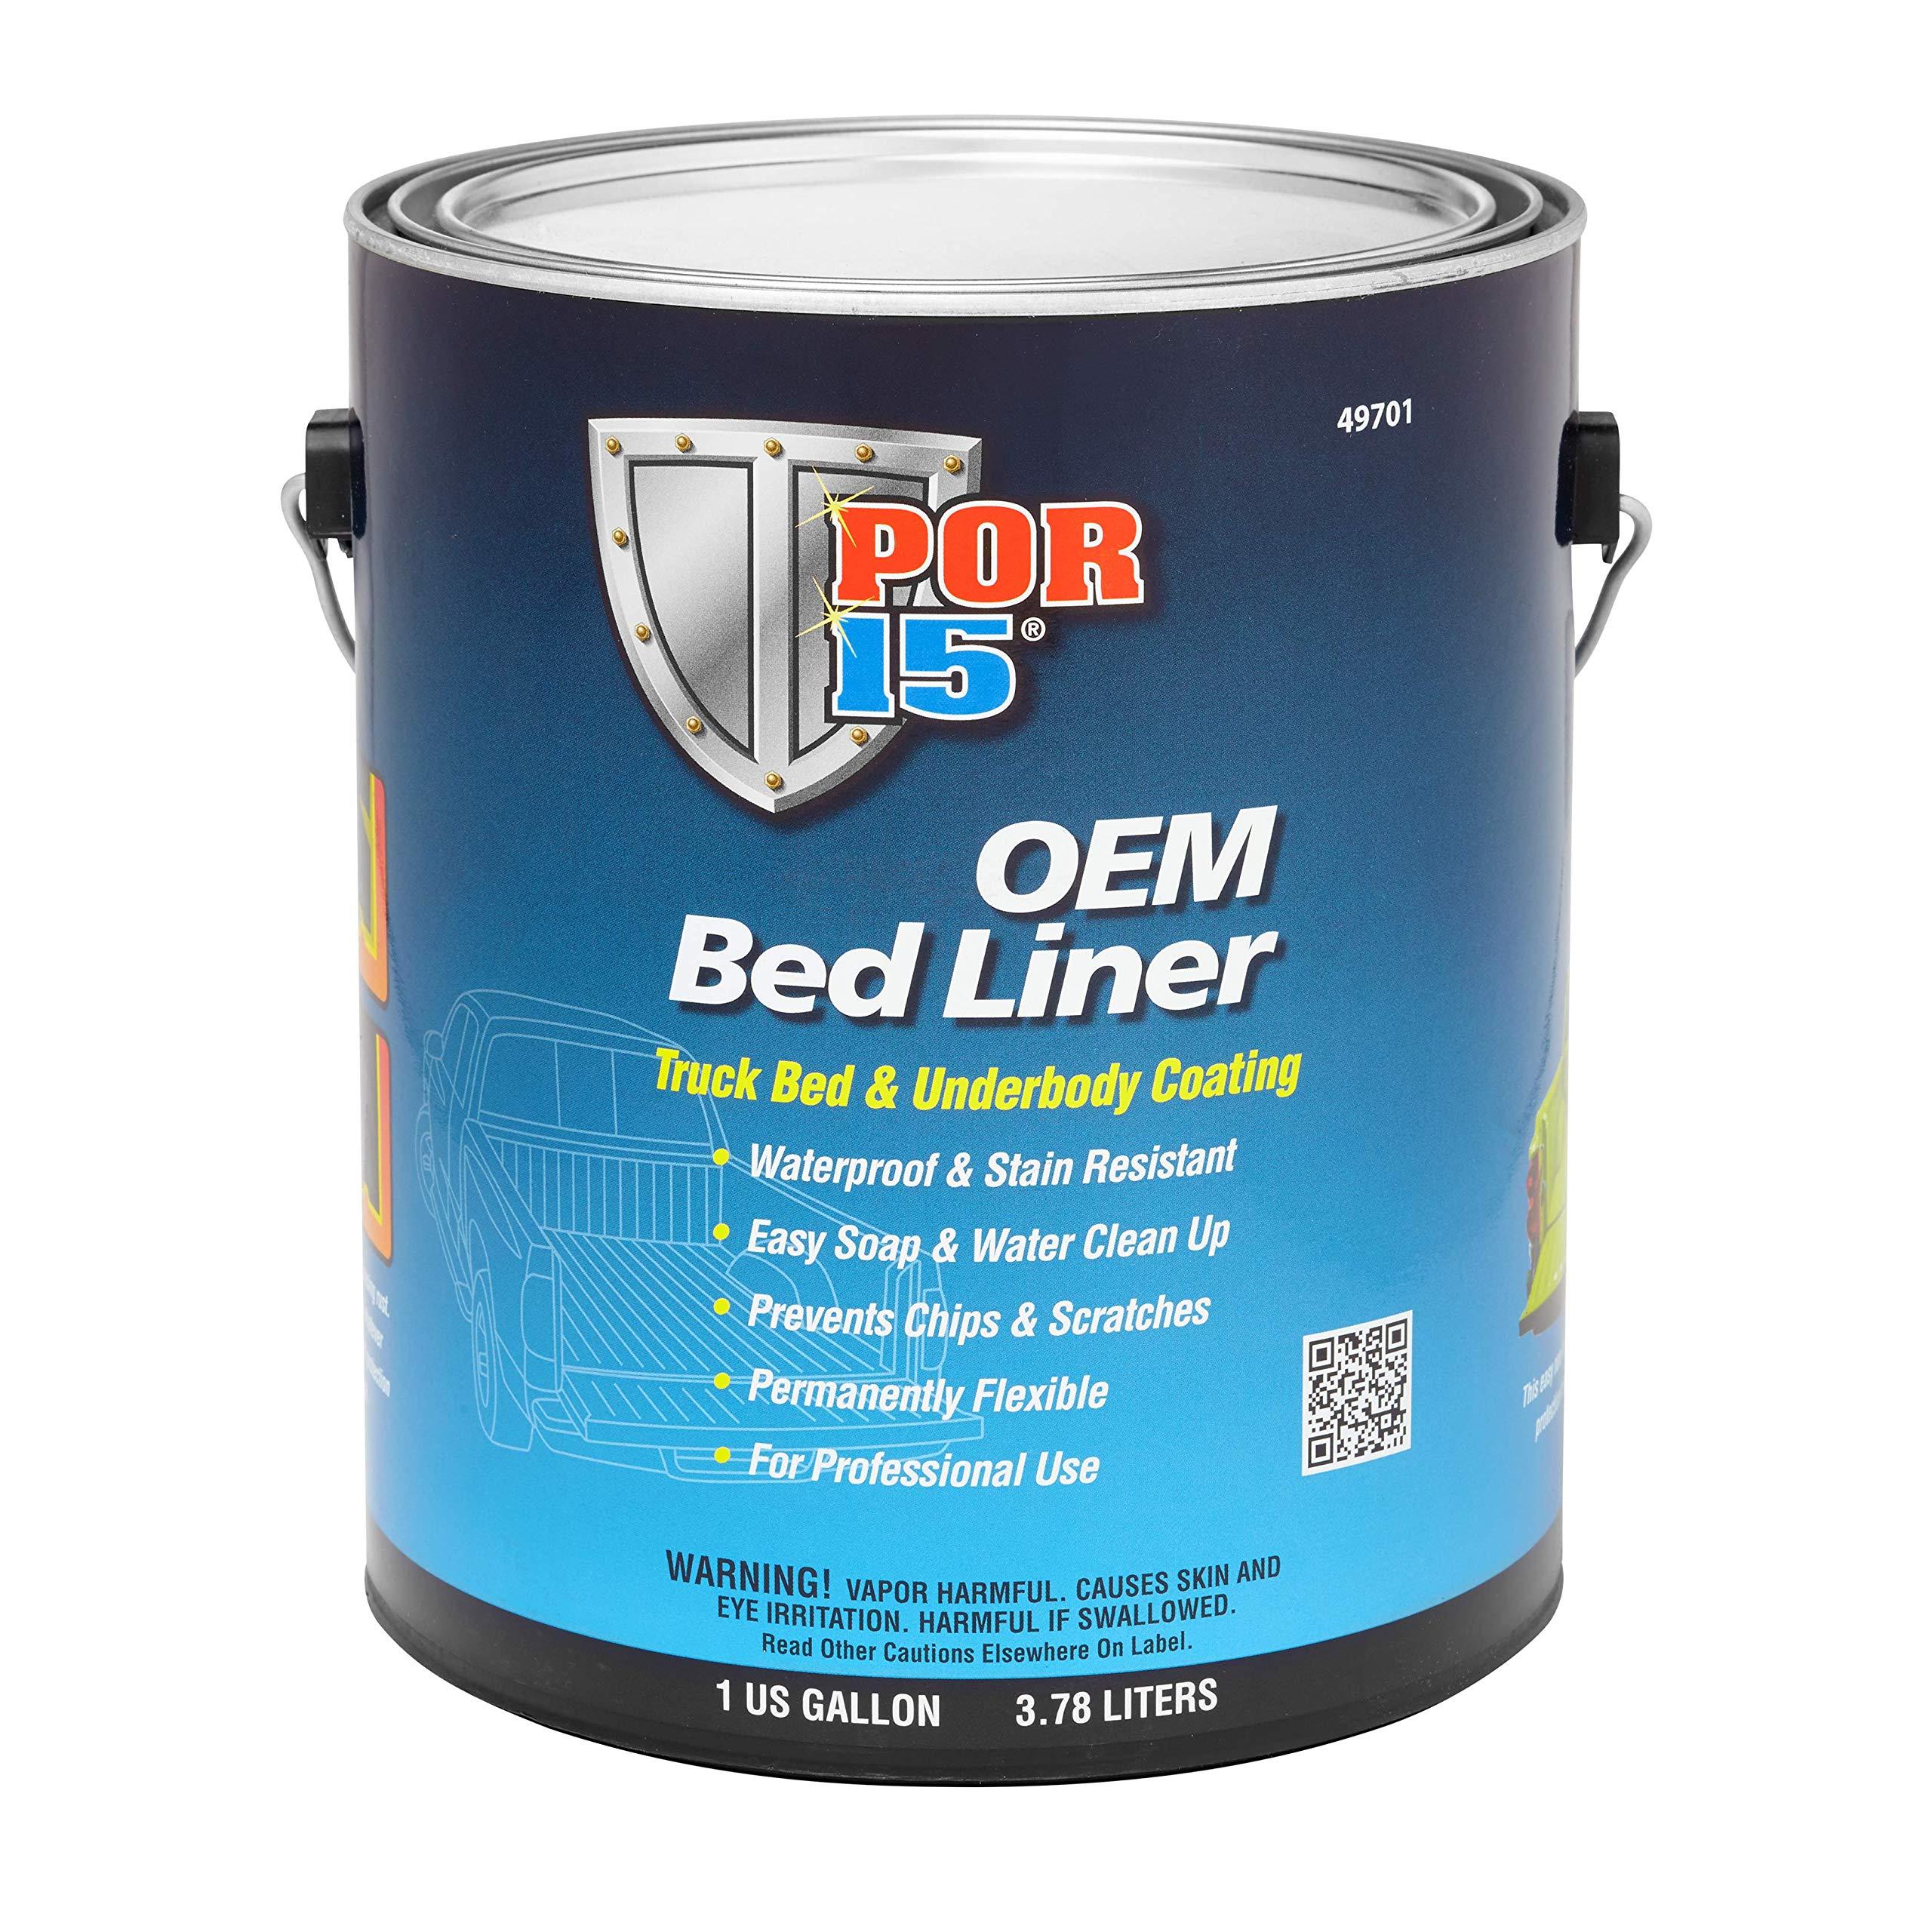 POR-15 49701 OEM Bed Liner - 1 gallon by POR-15